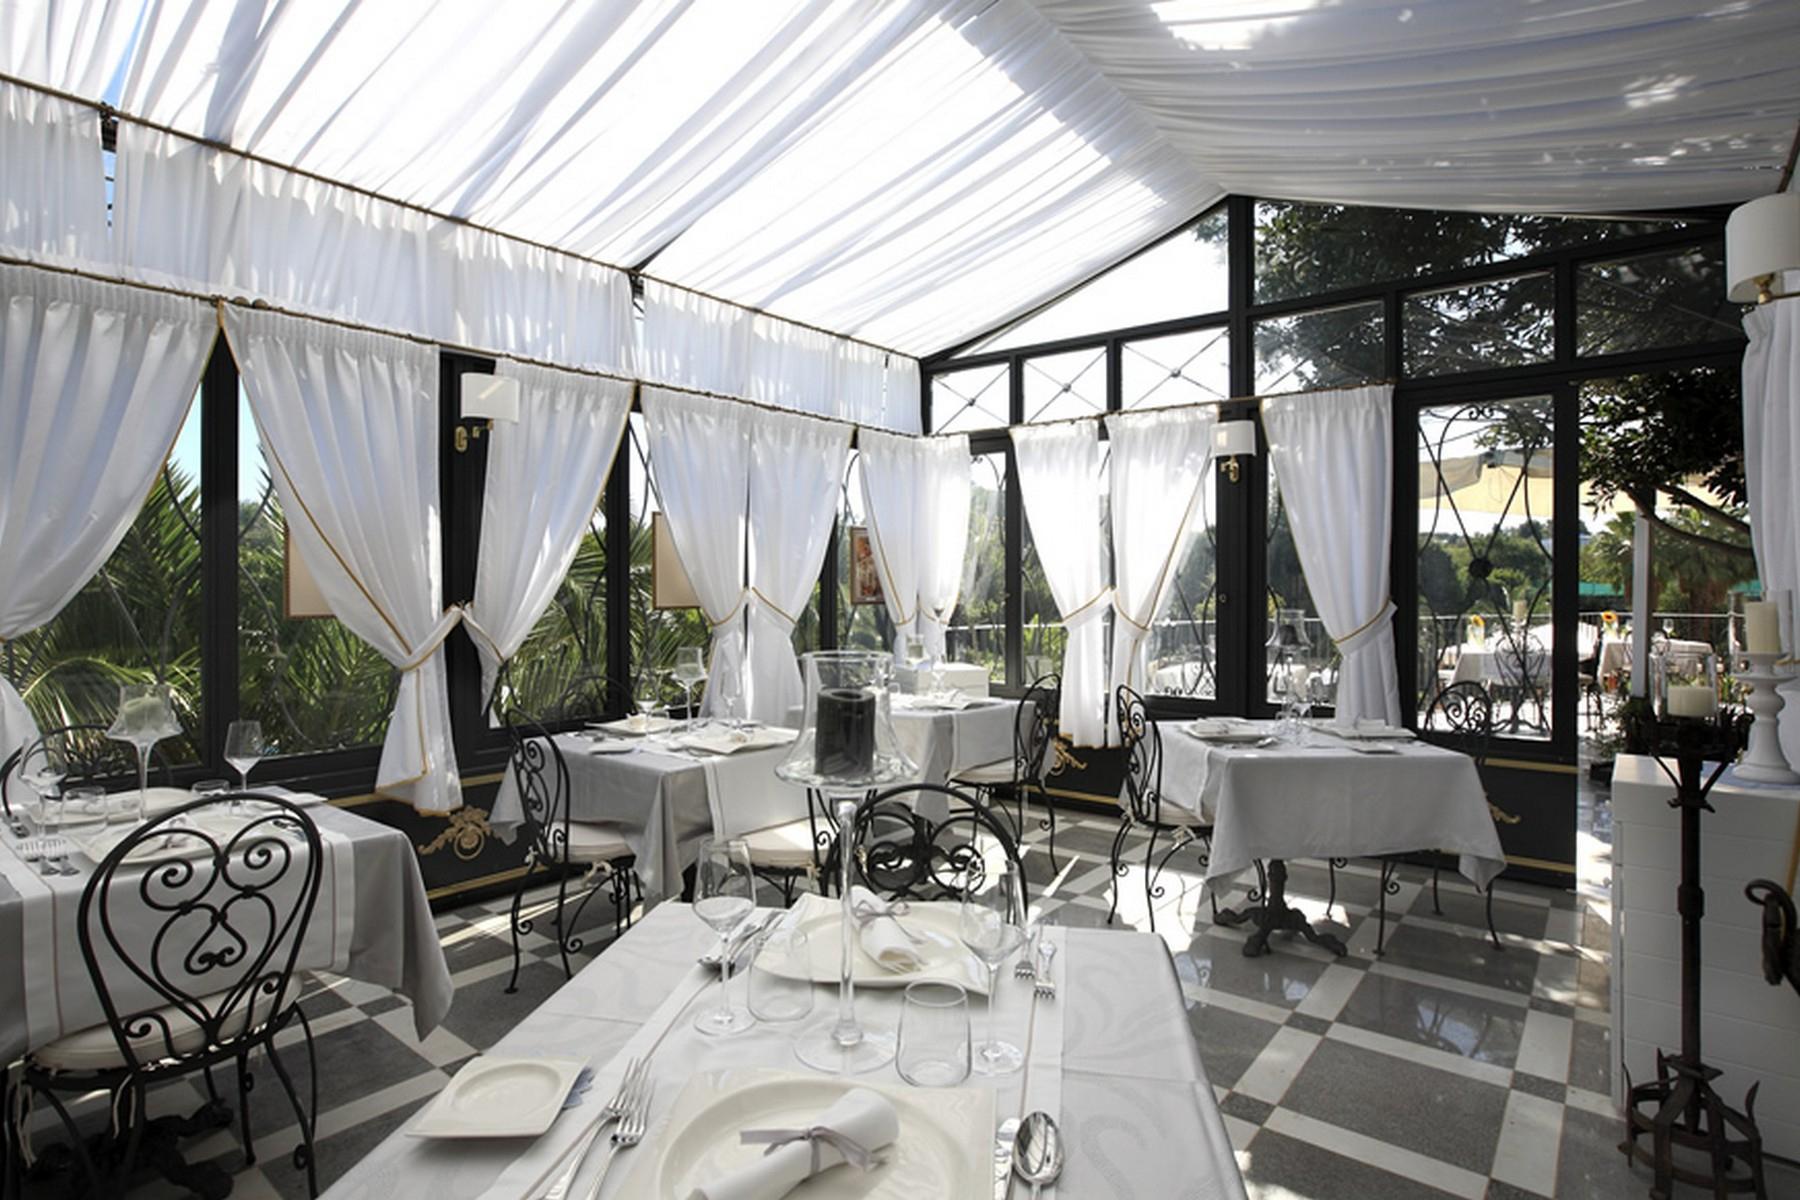 Bellissima residenza nobiliare con giardino e piscina - 6